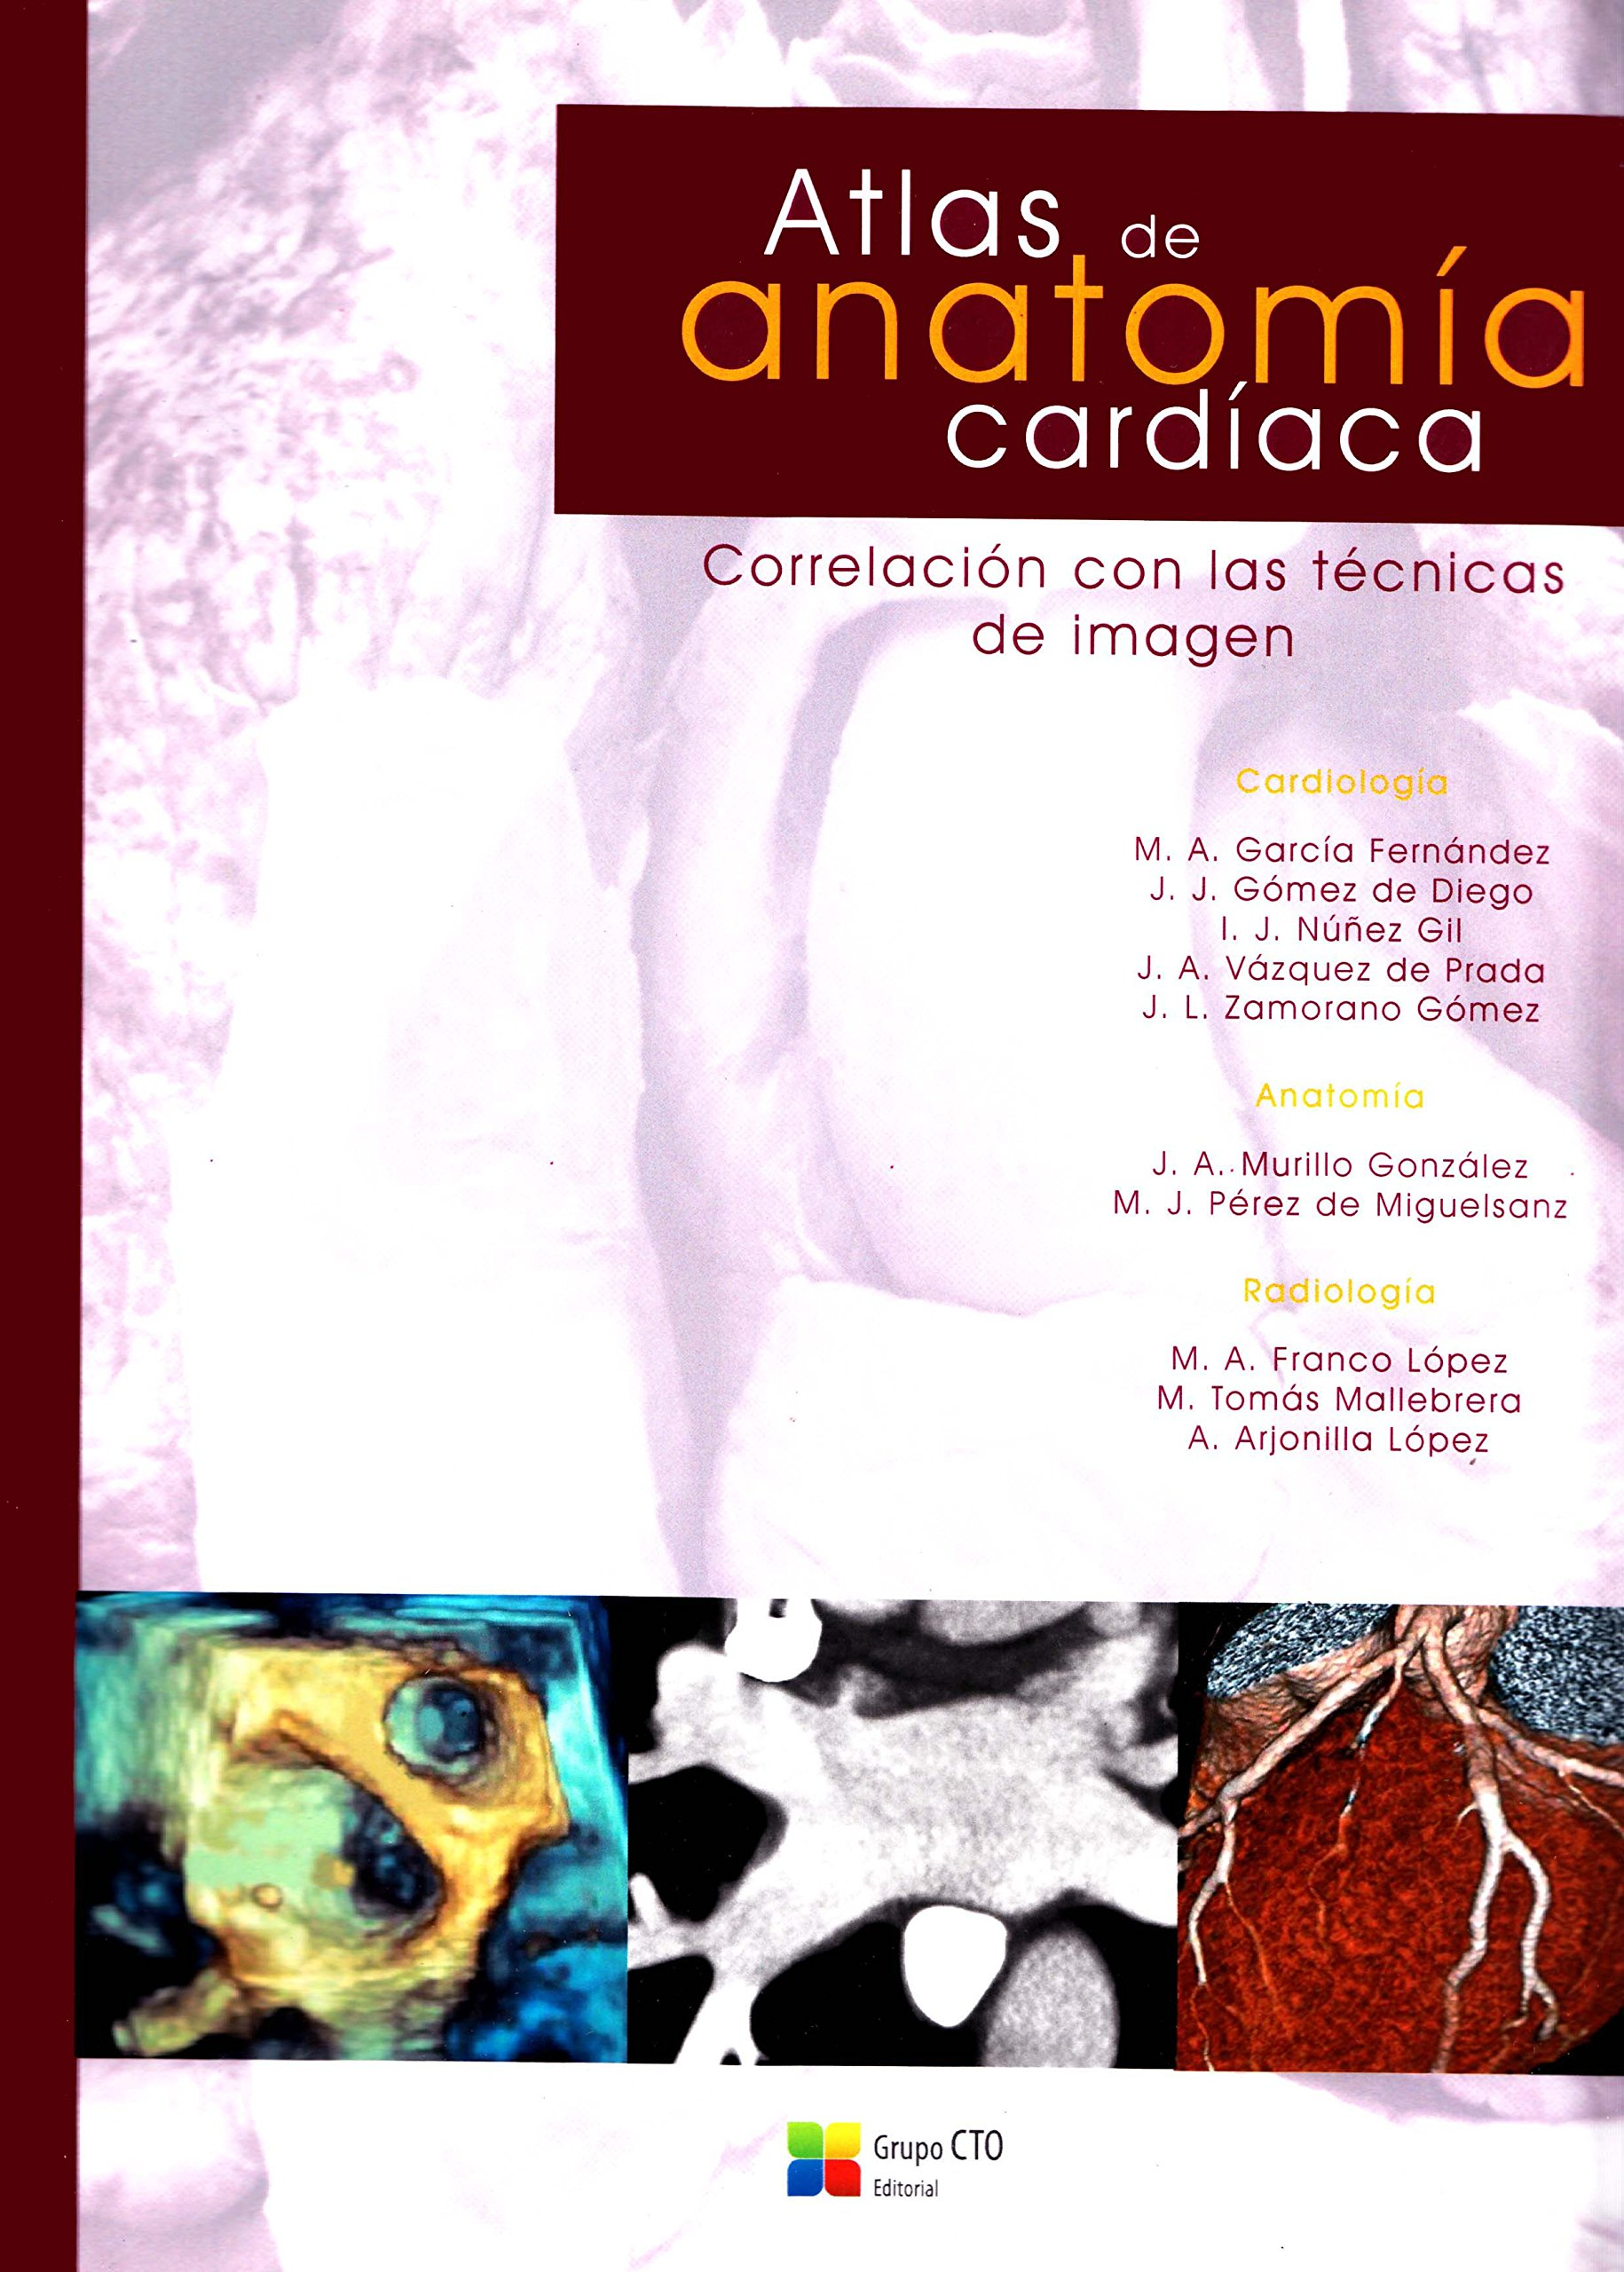 ATLAS DE IMAGEN CARDIACA: Amazon.es: S.L. CTO EDITORIAL: Libros